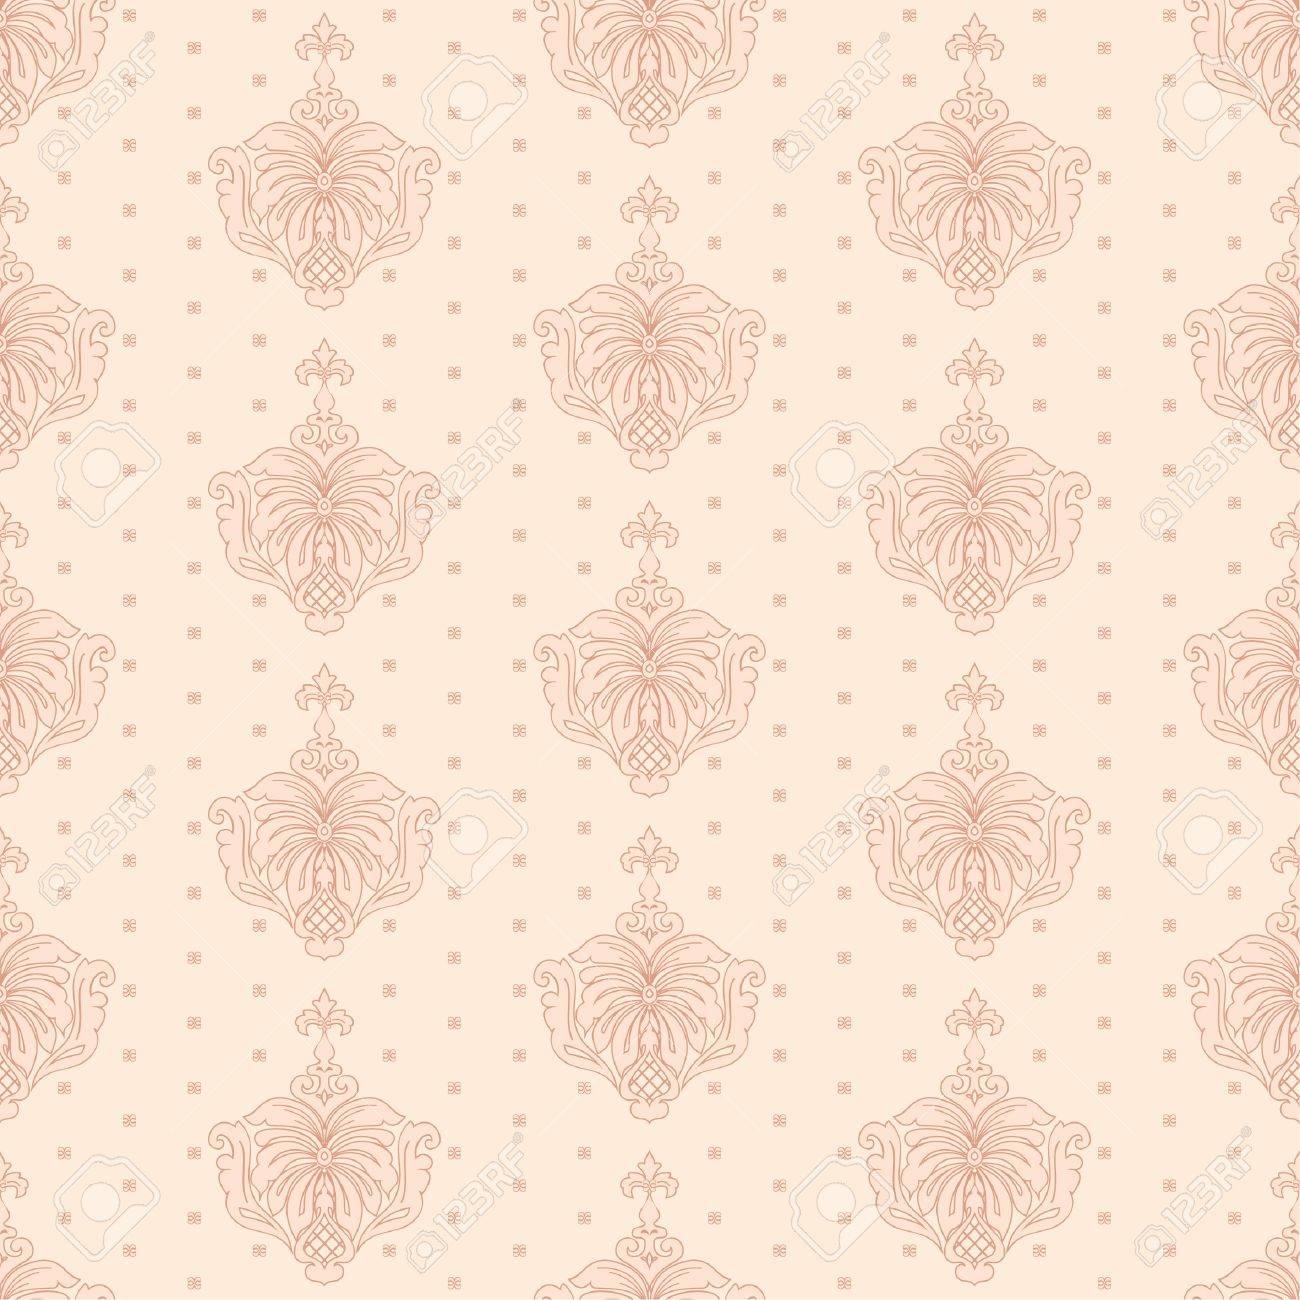 Banque Du0027images   Classique Papier Peint, Floral Sans Soudure De Fond Dans  Le Style Rétro